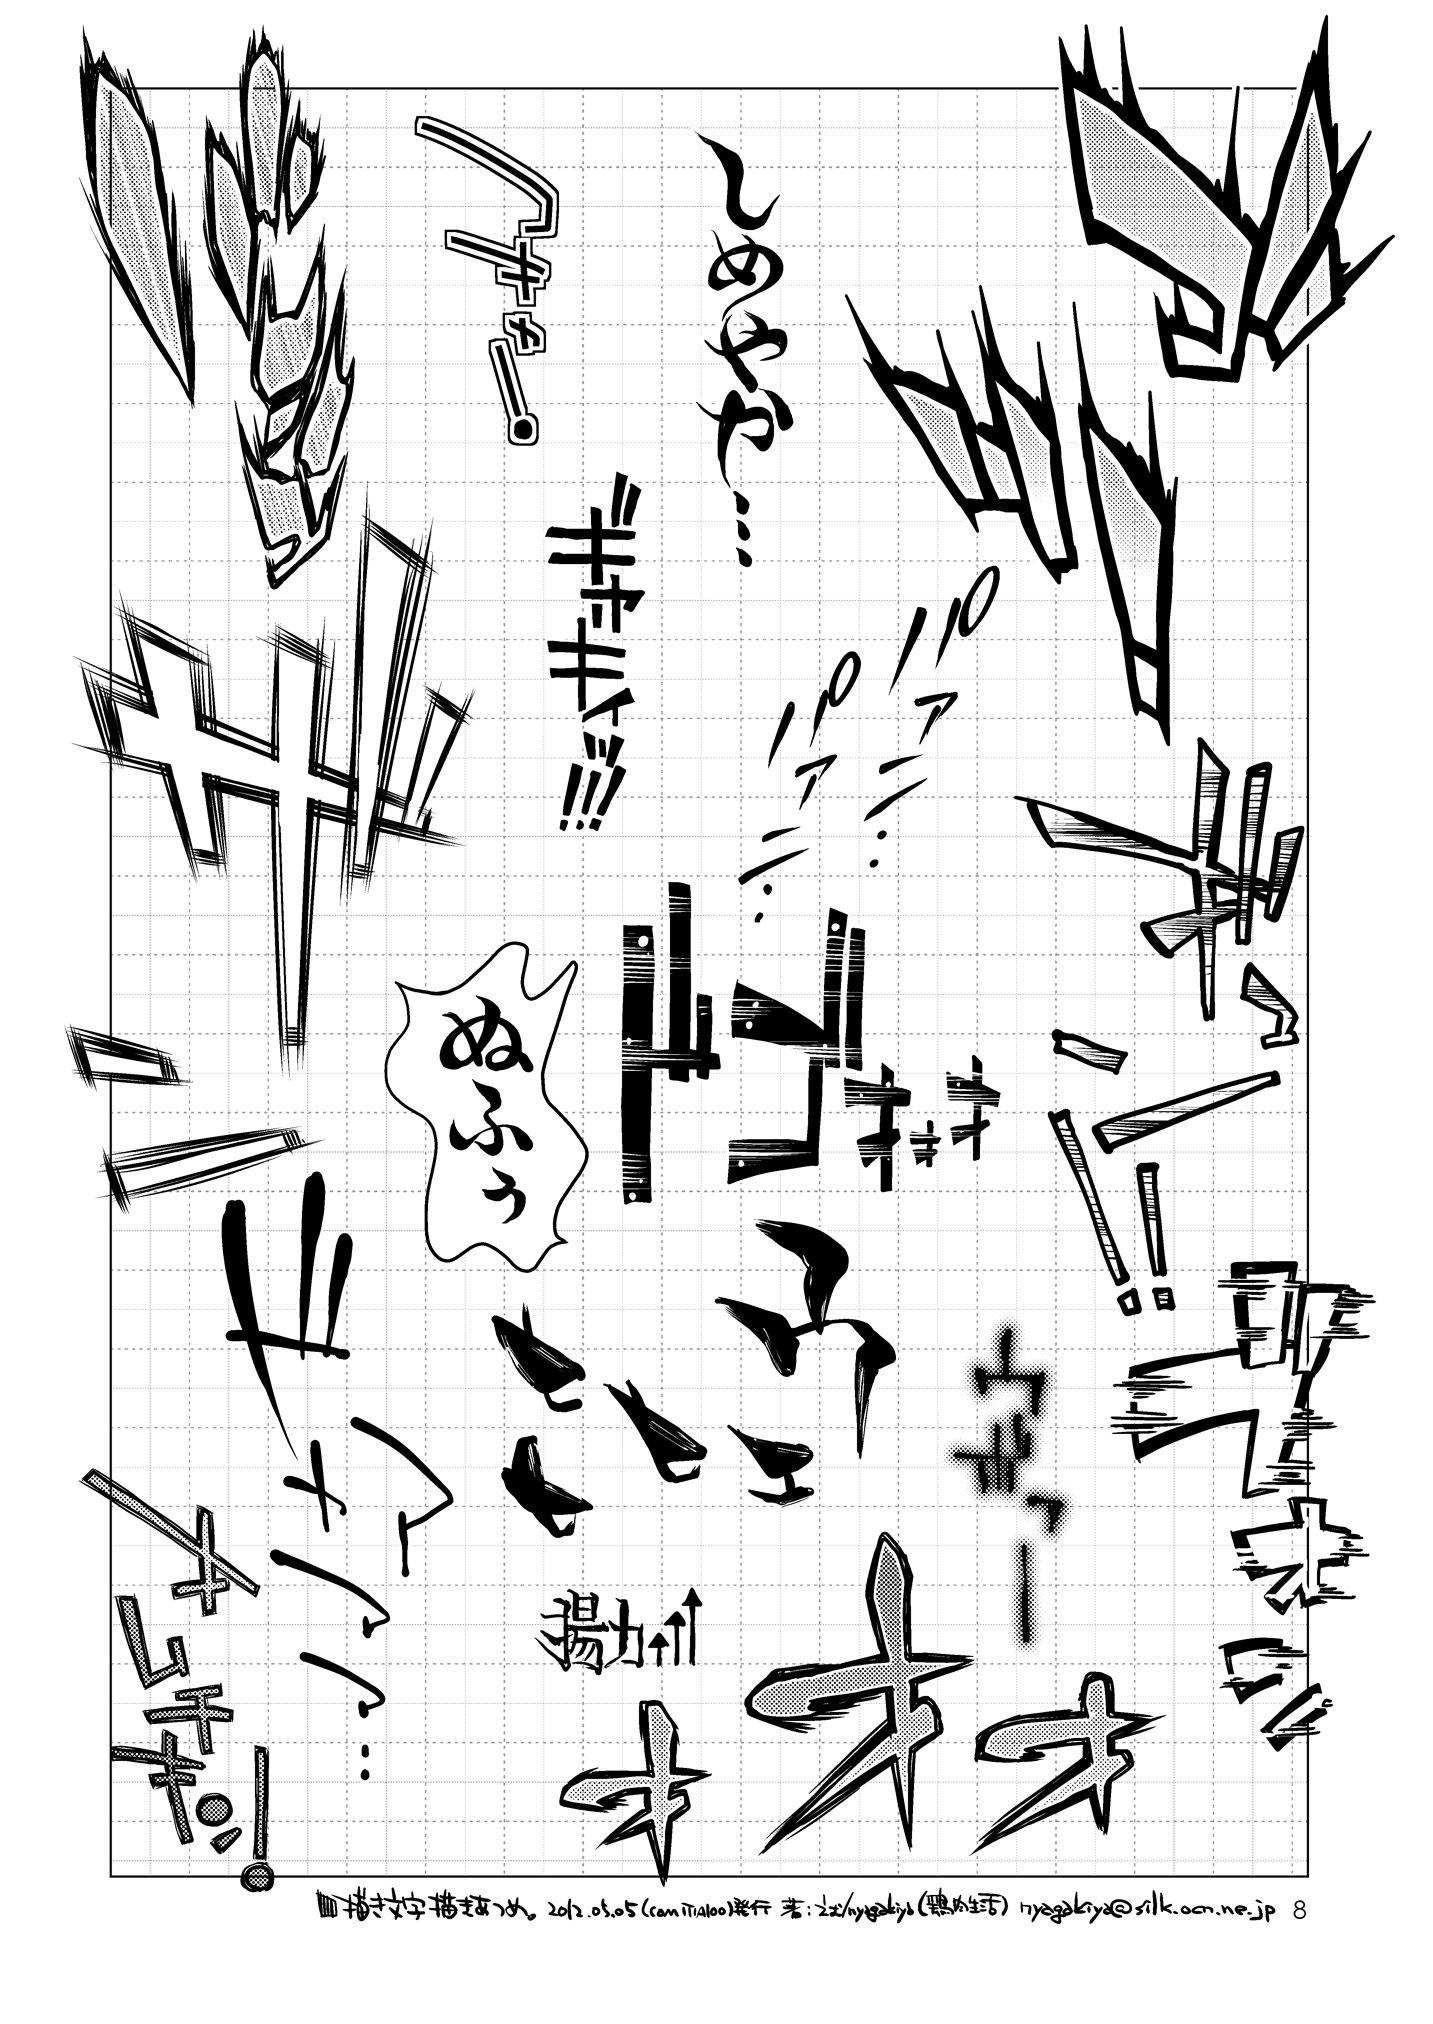 描き文字描きあつめ 漫画 フォント 漫画 描き方 文字